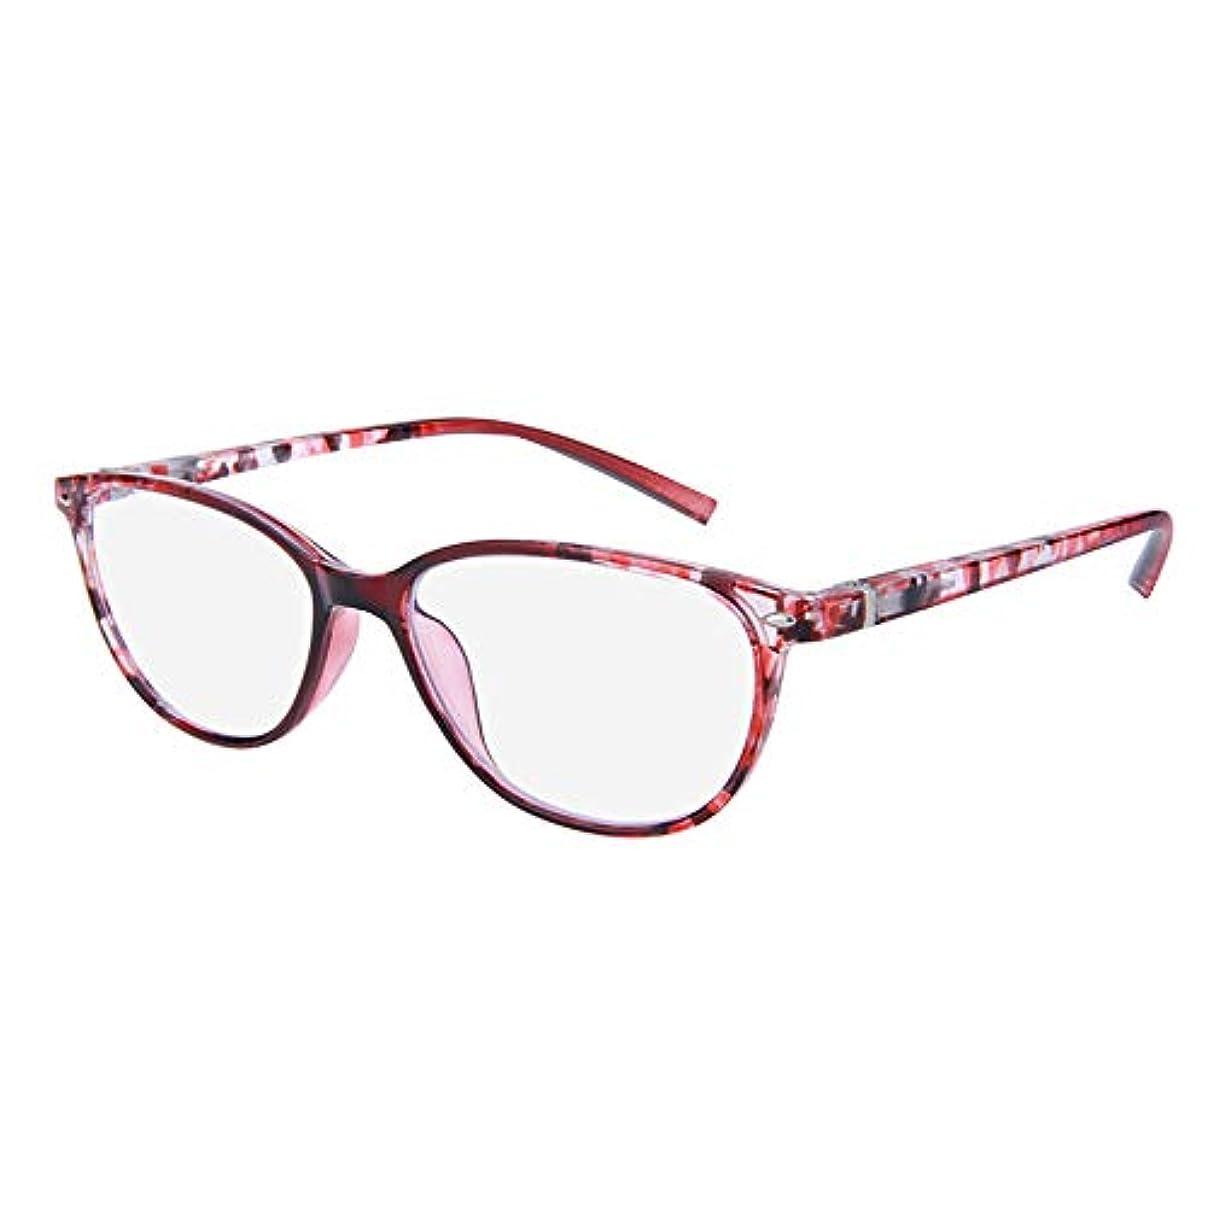 銀行被害者ソケット女性の老眼鏡アンチブルーレイ、快適なファッションパターンカメシェルフルフレームアンチアイ疲労メガネ読書用、春ヒンジ視度+ 1.00 + 1.50 + 2.00 + 2.50